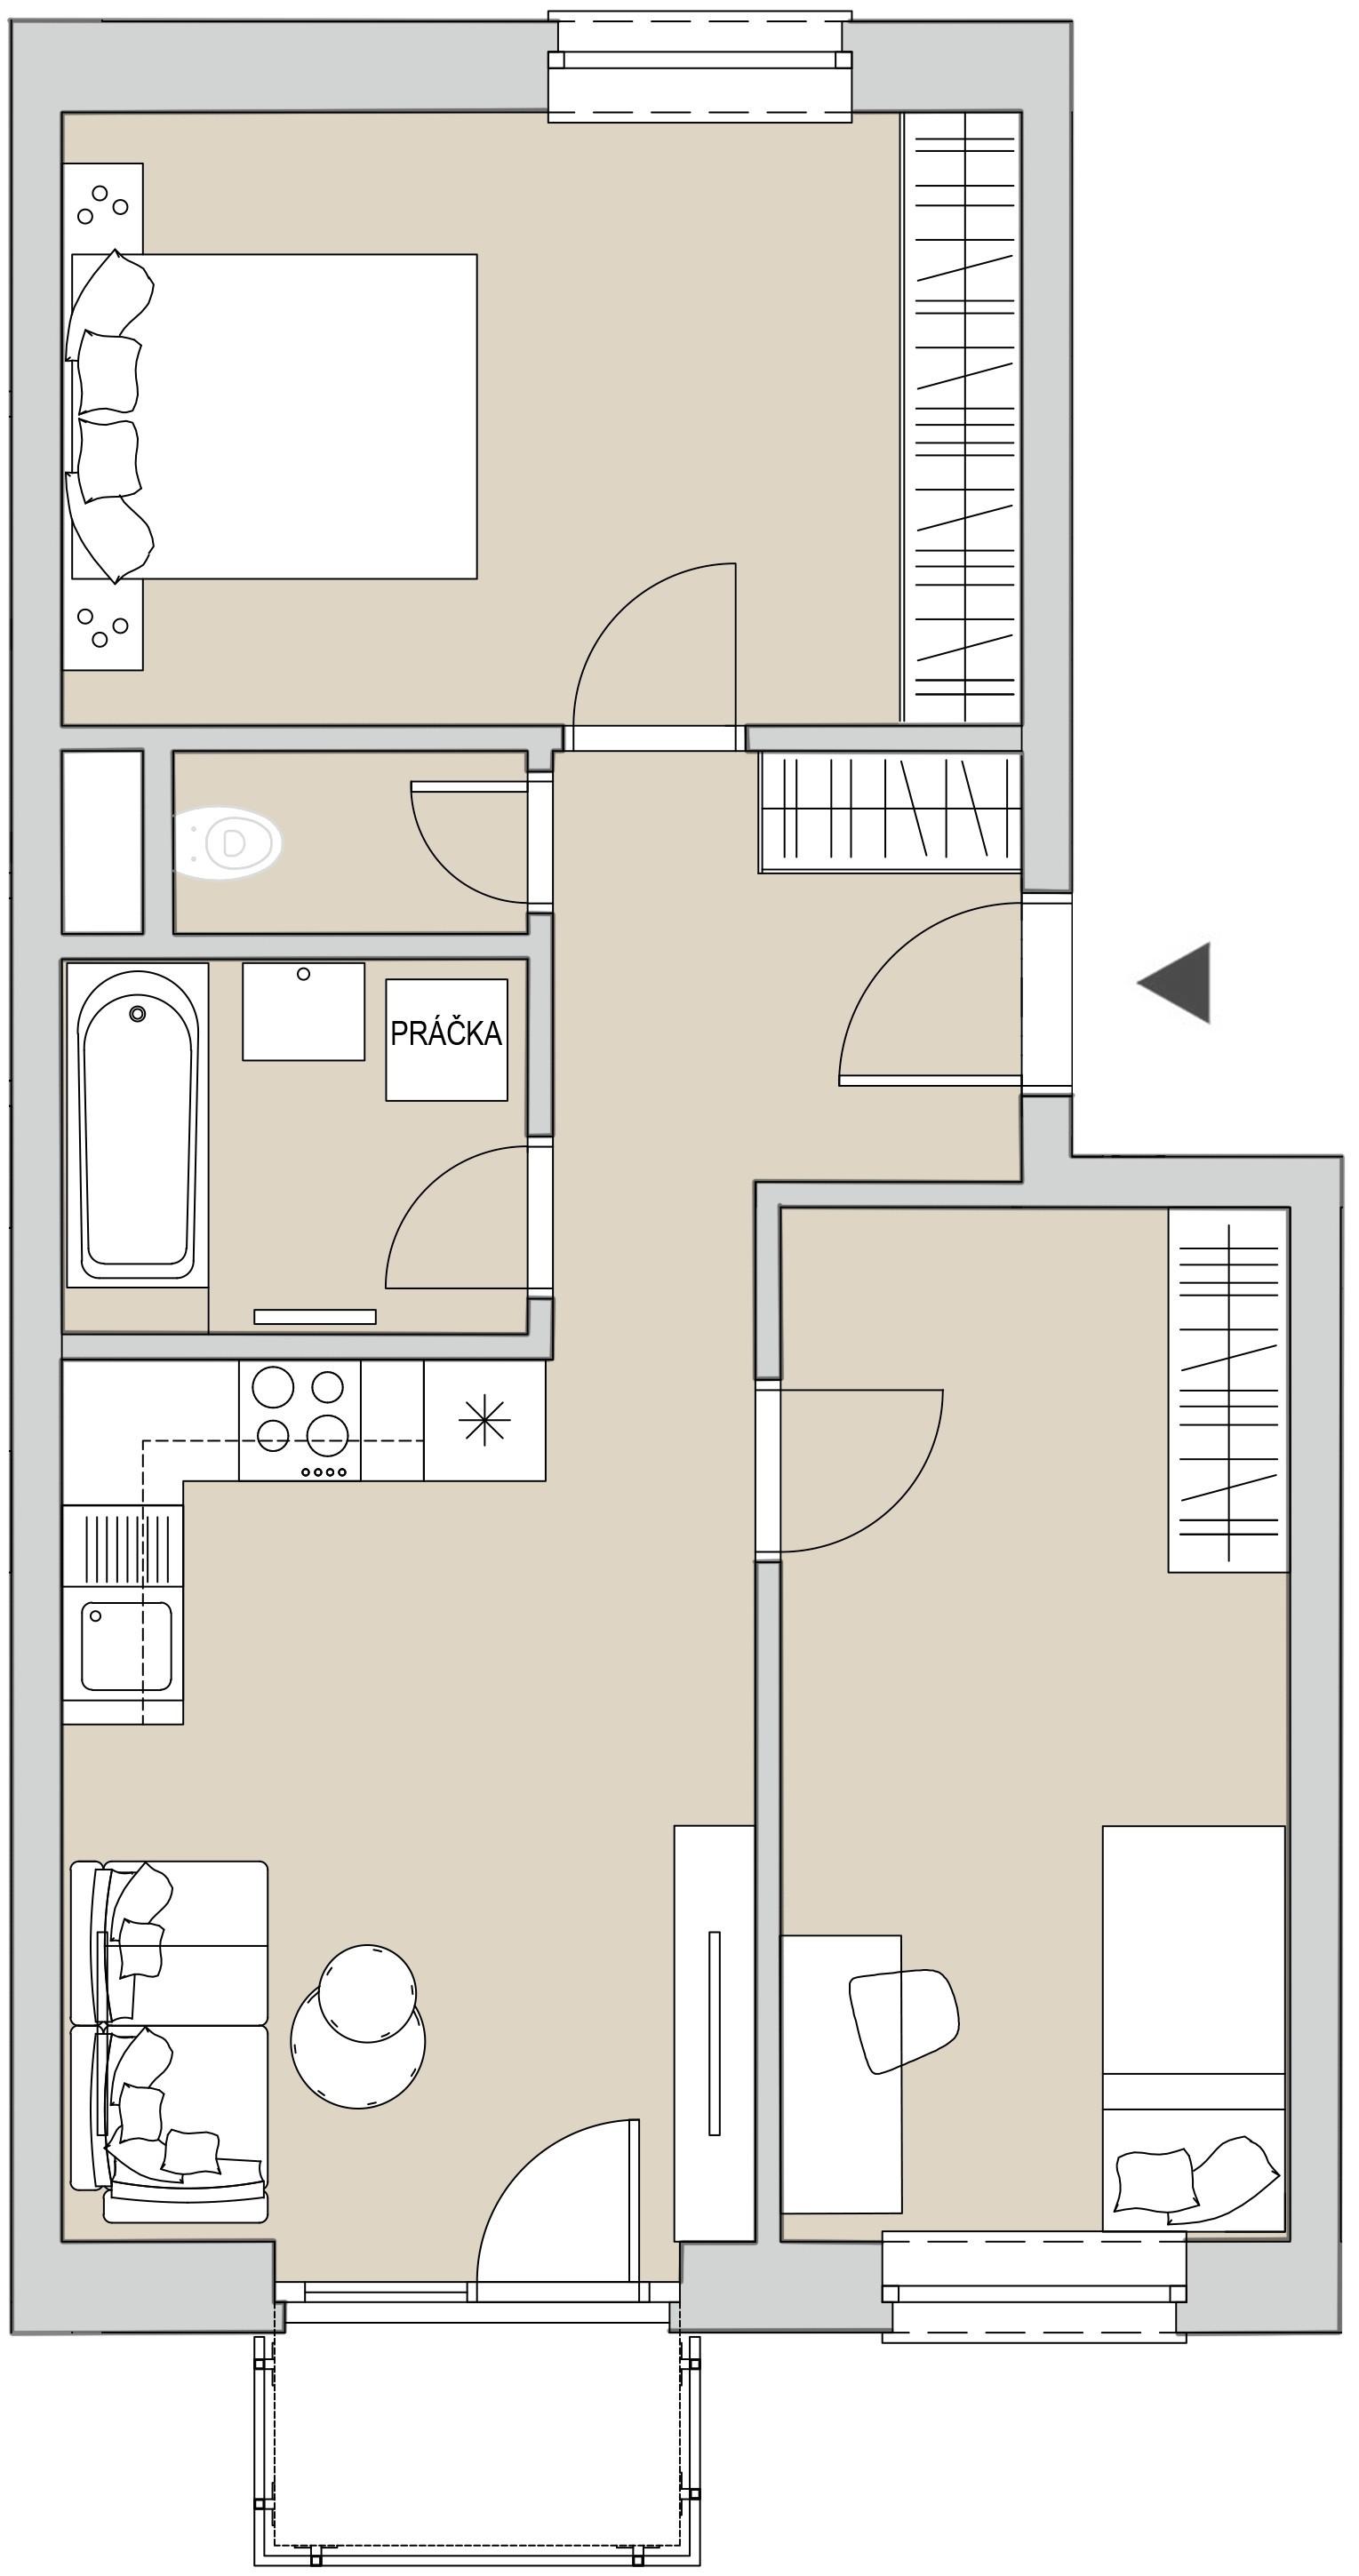 Pôdory bytu - 403 - varianta 3 - izbový